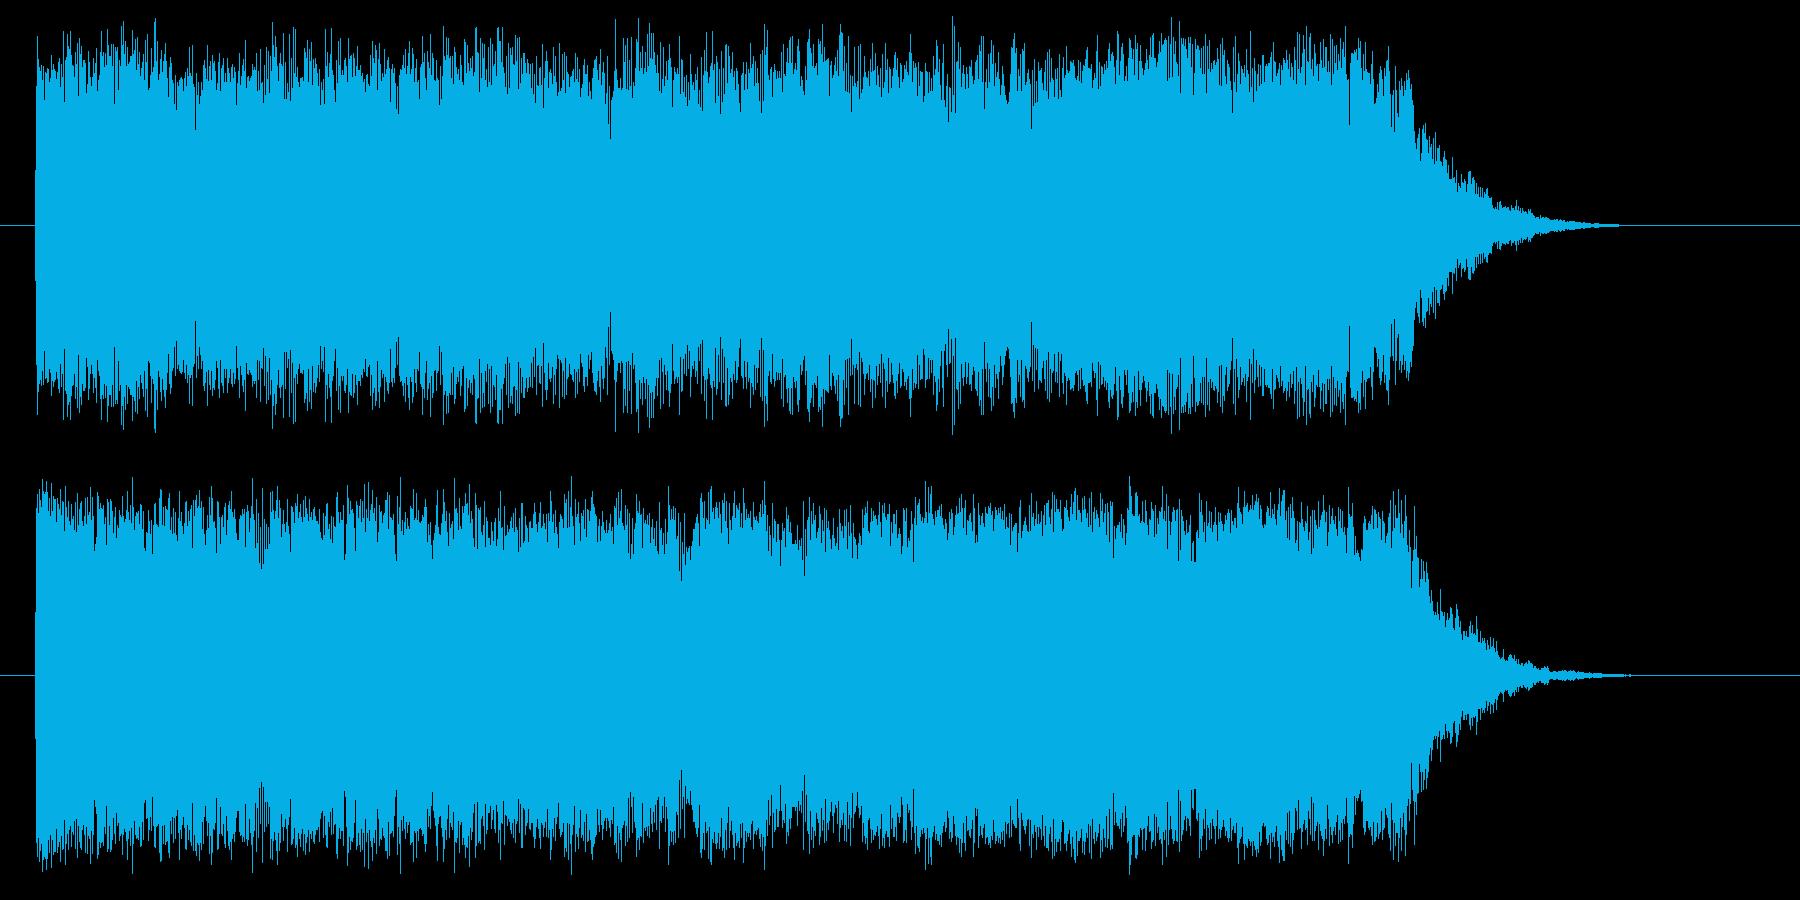 明るいキラキラしたシンセサイザーの曲の再生済みの波形